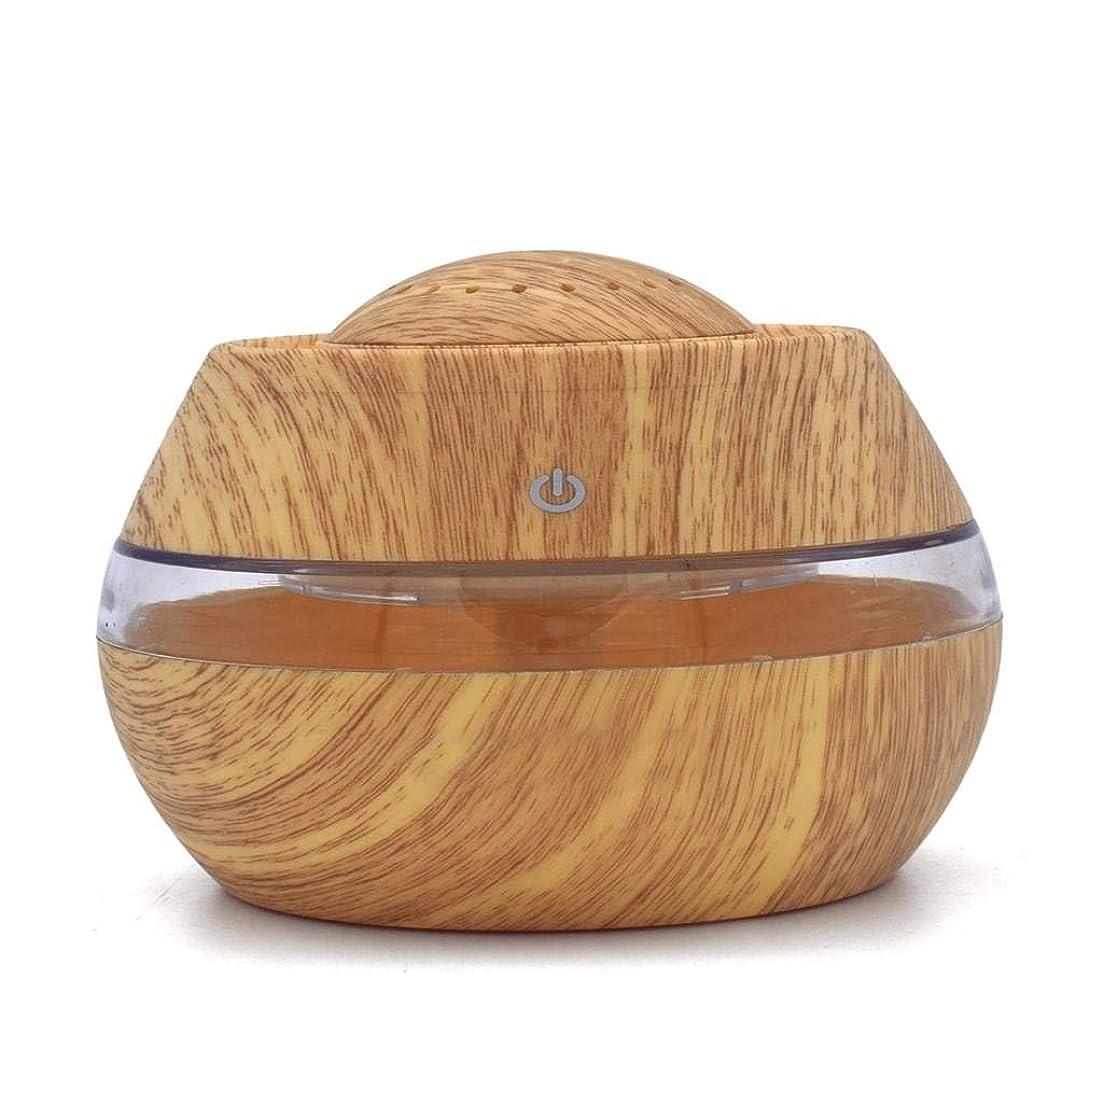 解釈配偶者精神的に芳香 拡張器 清涼 薄霧 加湿器 騒音36dB 以下 ミスト アロマ フレグランス 癒し リラックス 調光 LED 寝室 (Color : Light wood)